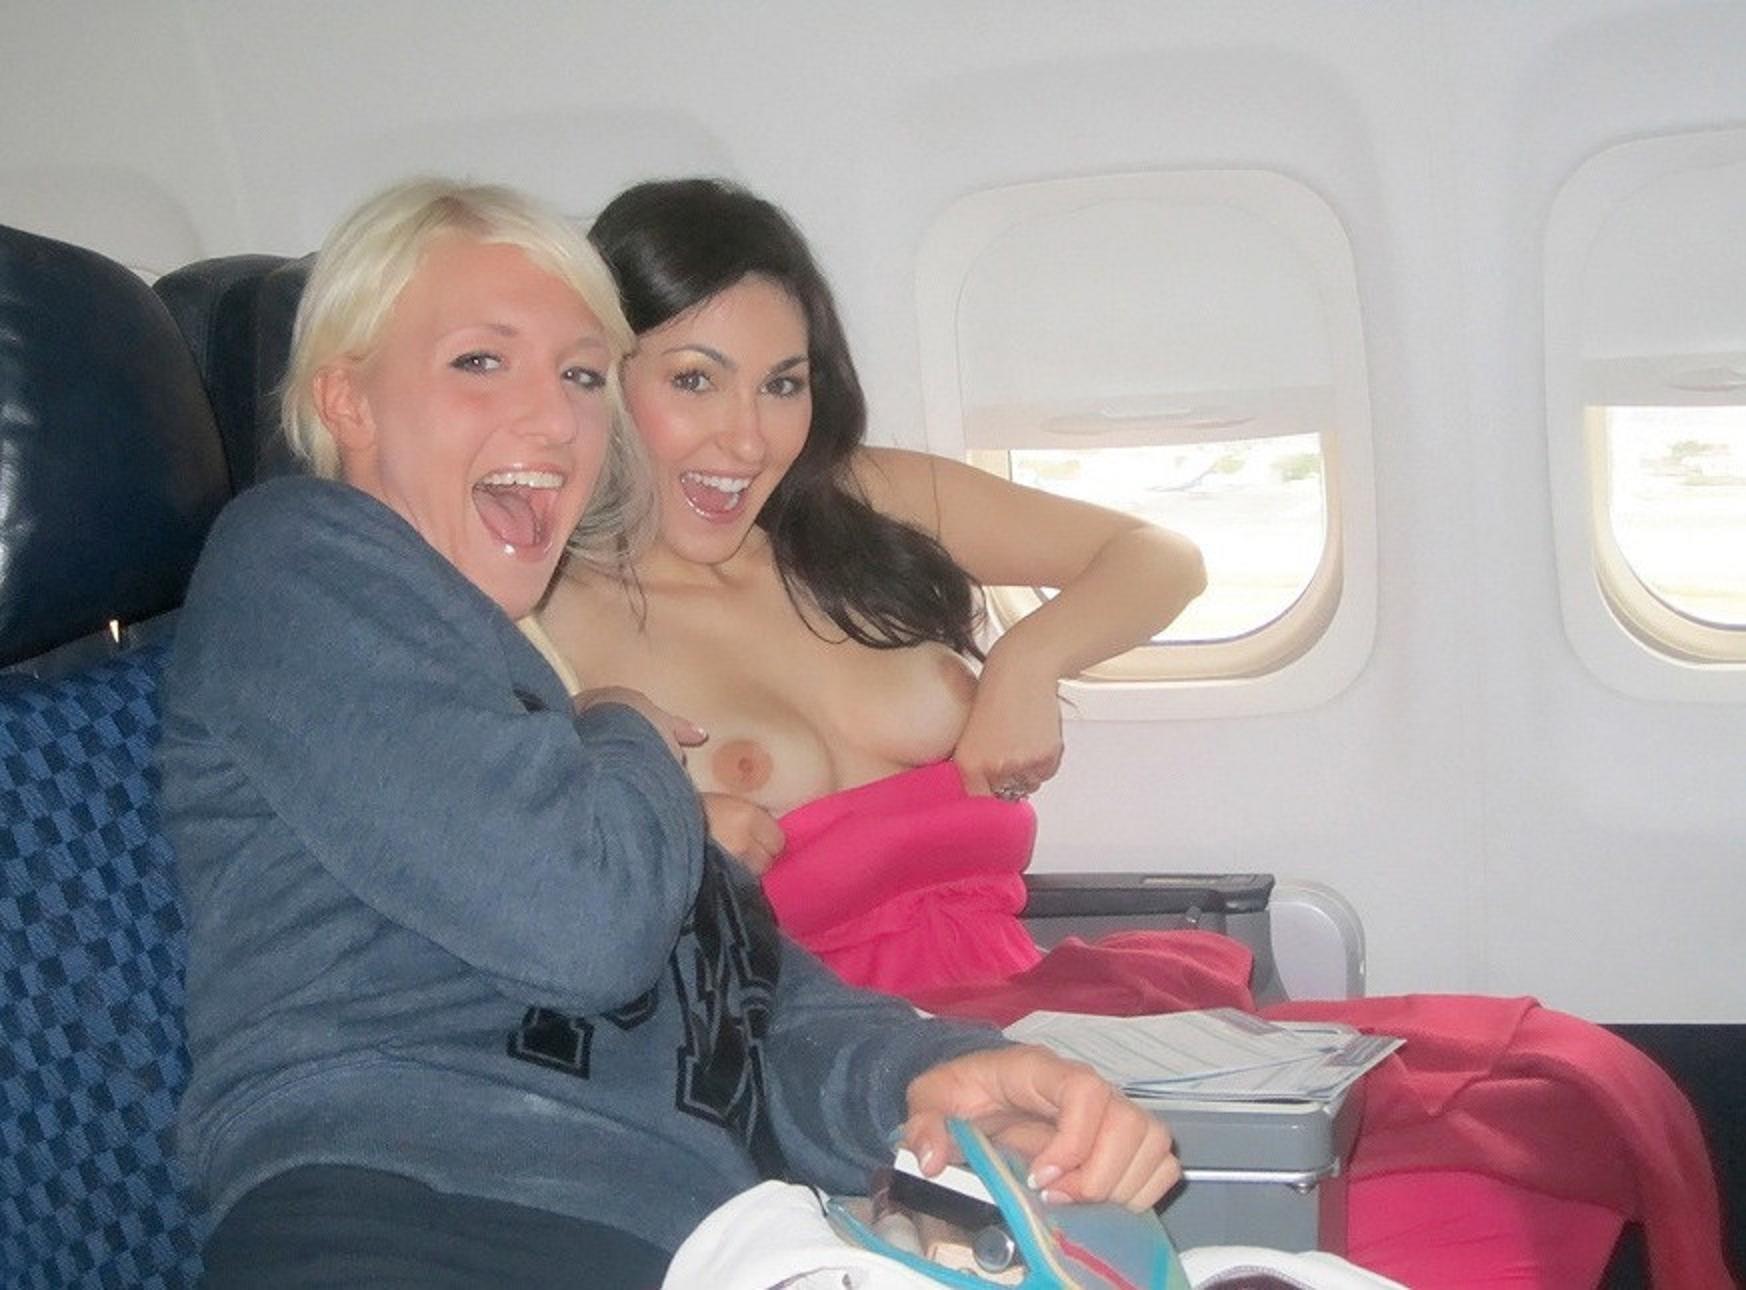 飛行機内で露出する変態外国人エロ画像・2枚目